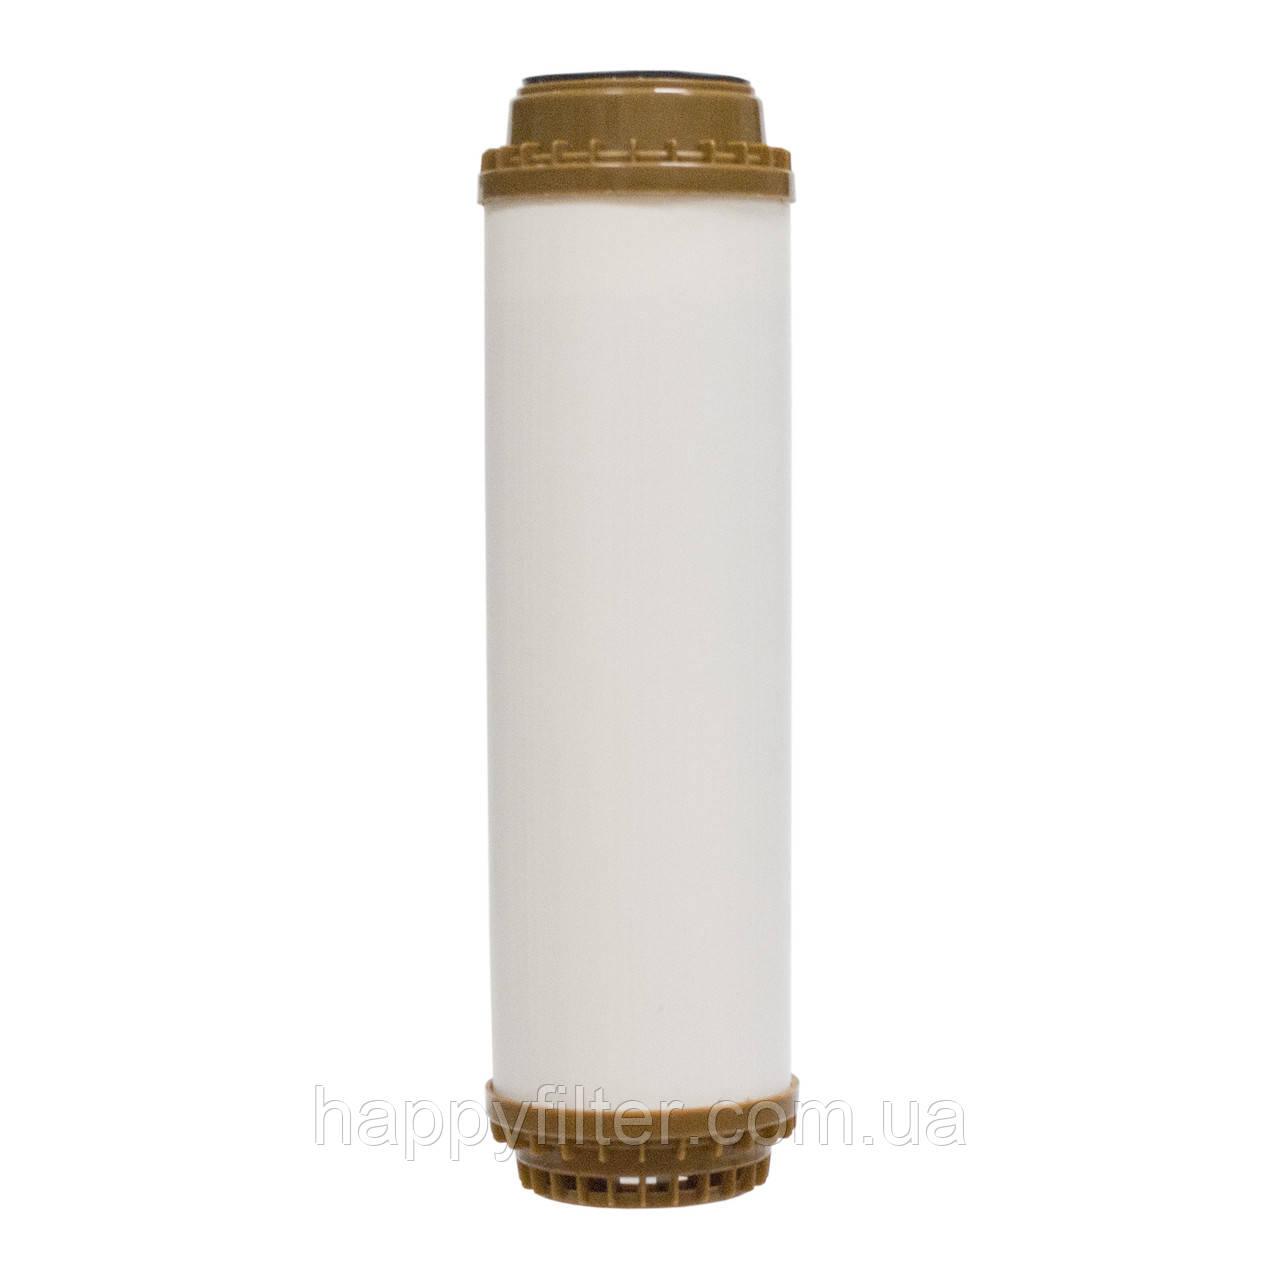 Картридж Aquafilter FCCFE для удаления железа